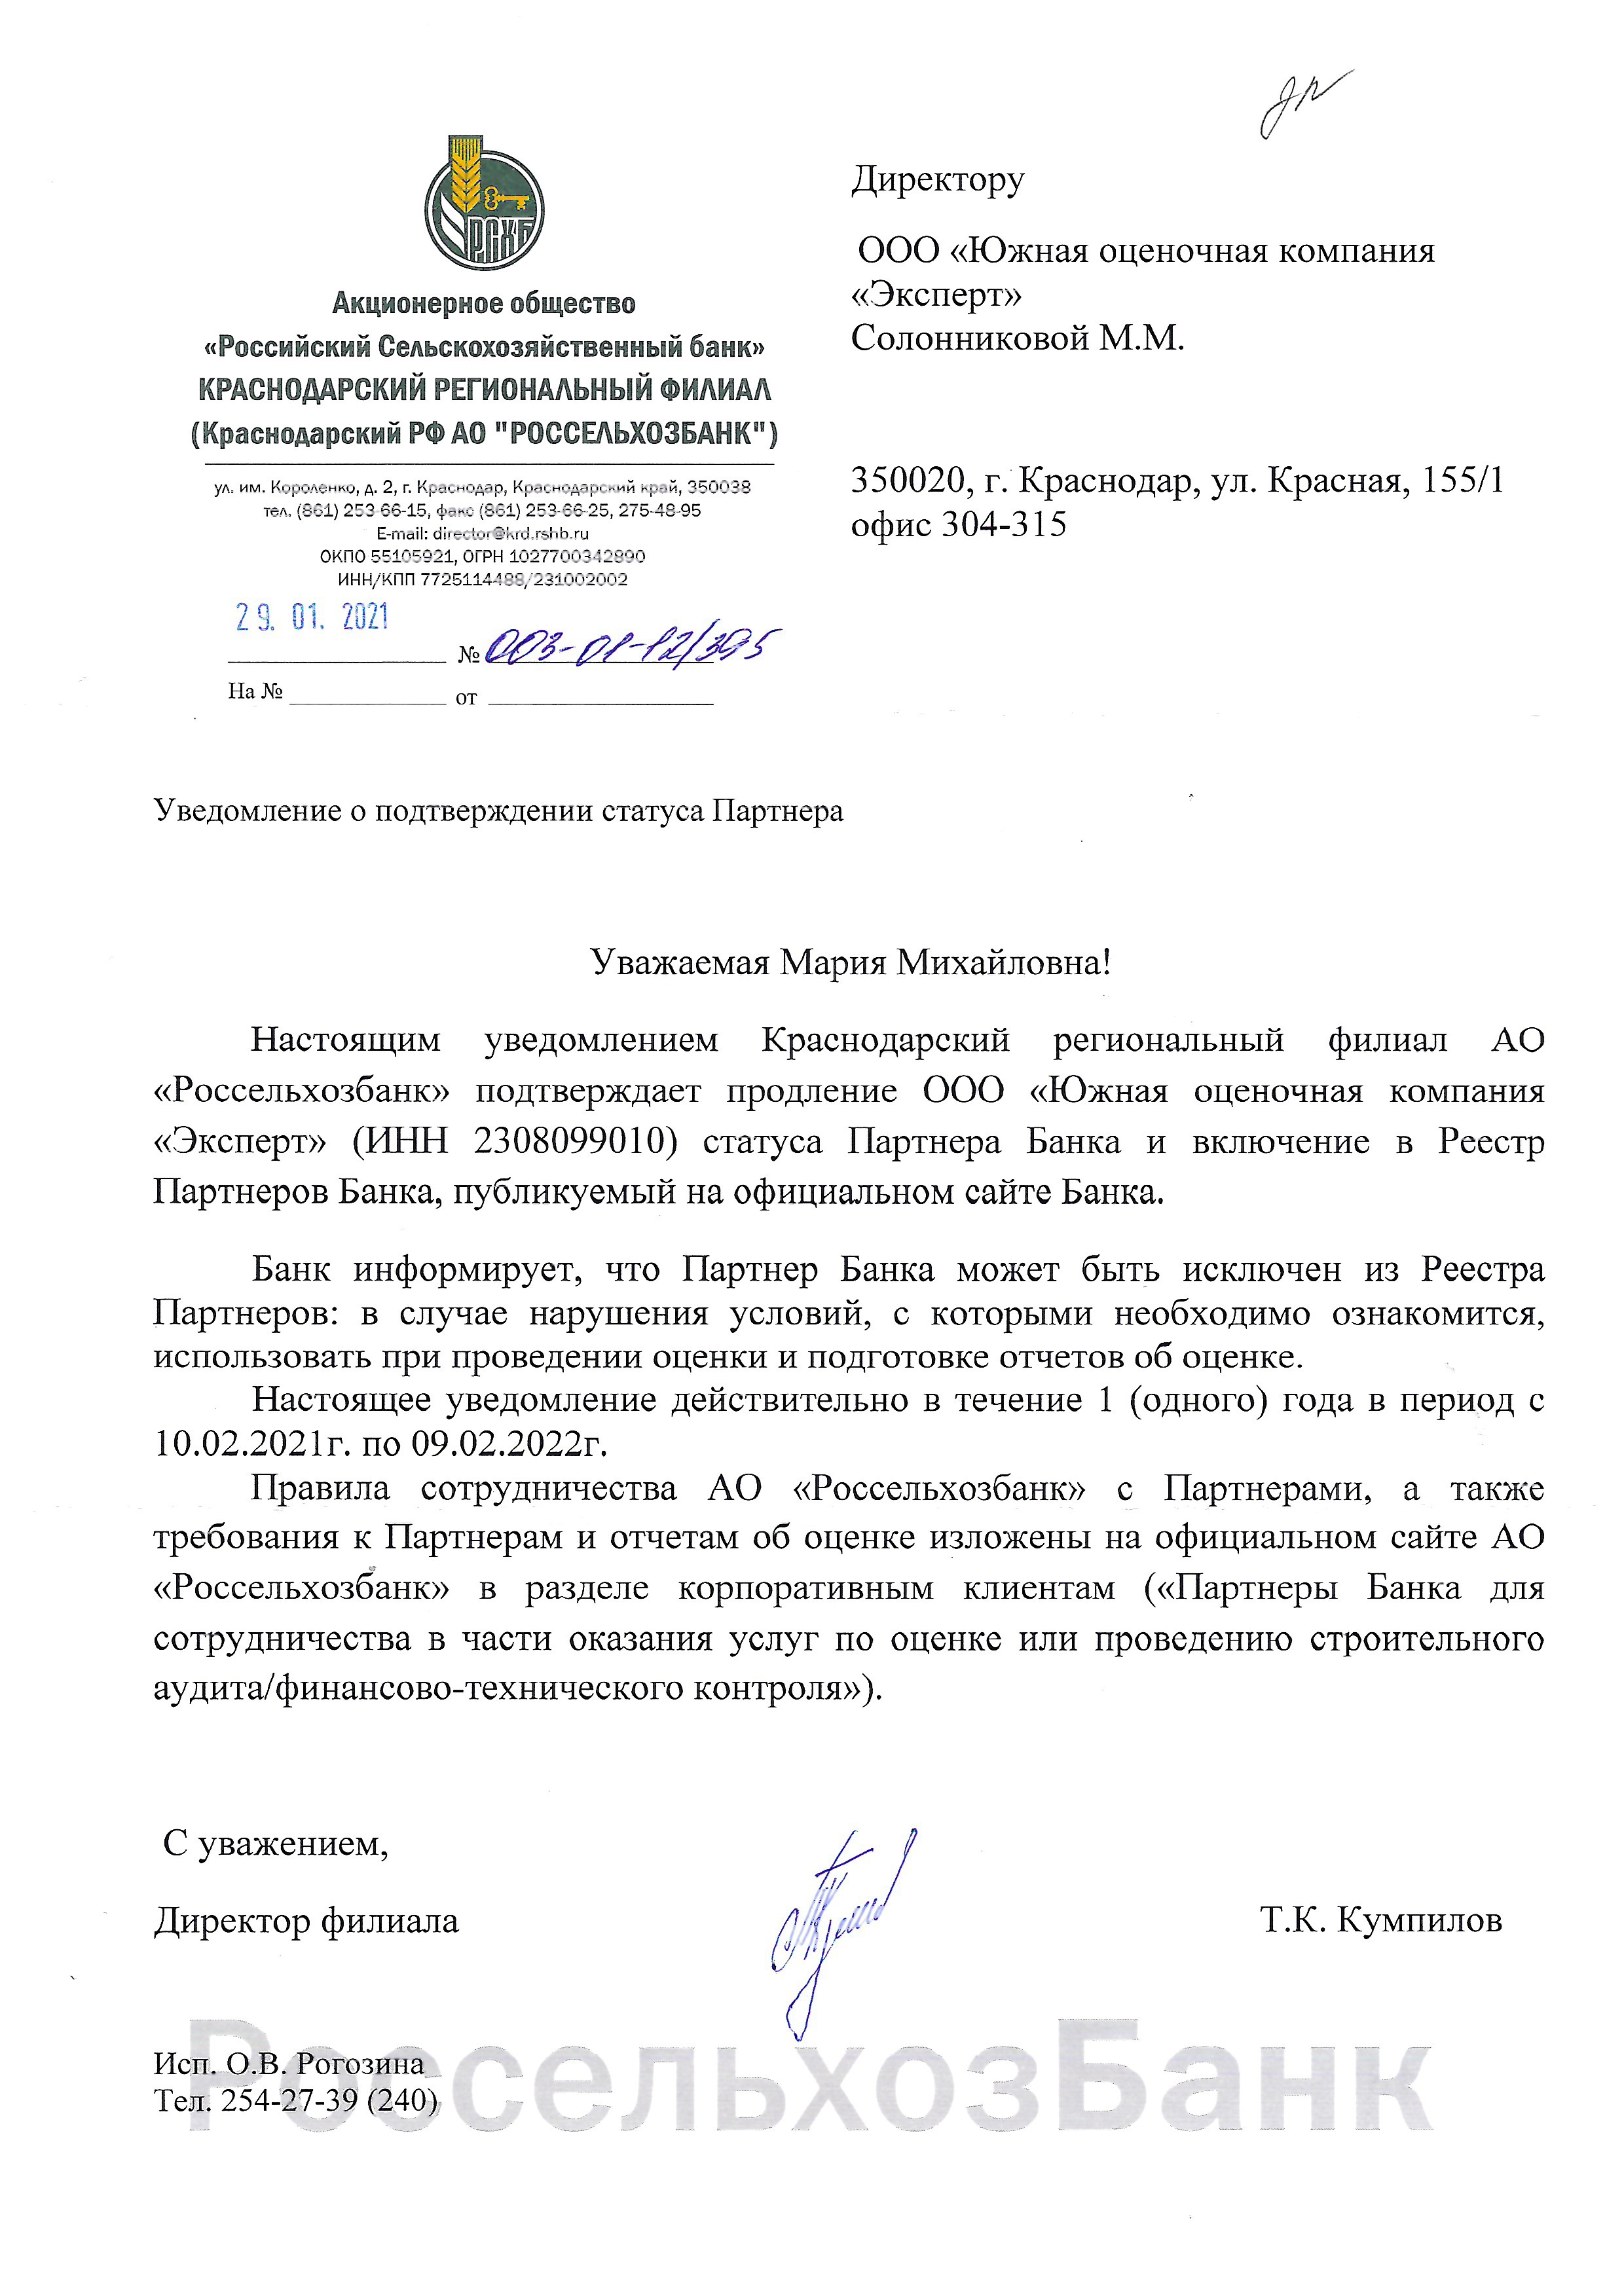 Свидетельство об аккредитации АО РоссельхозБанк